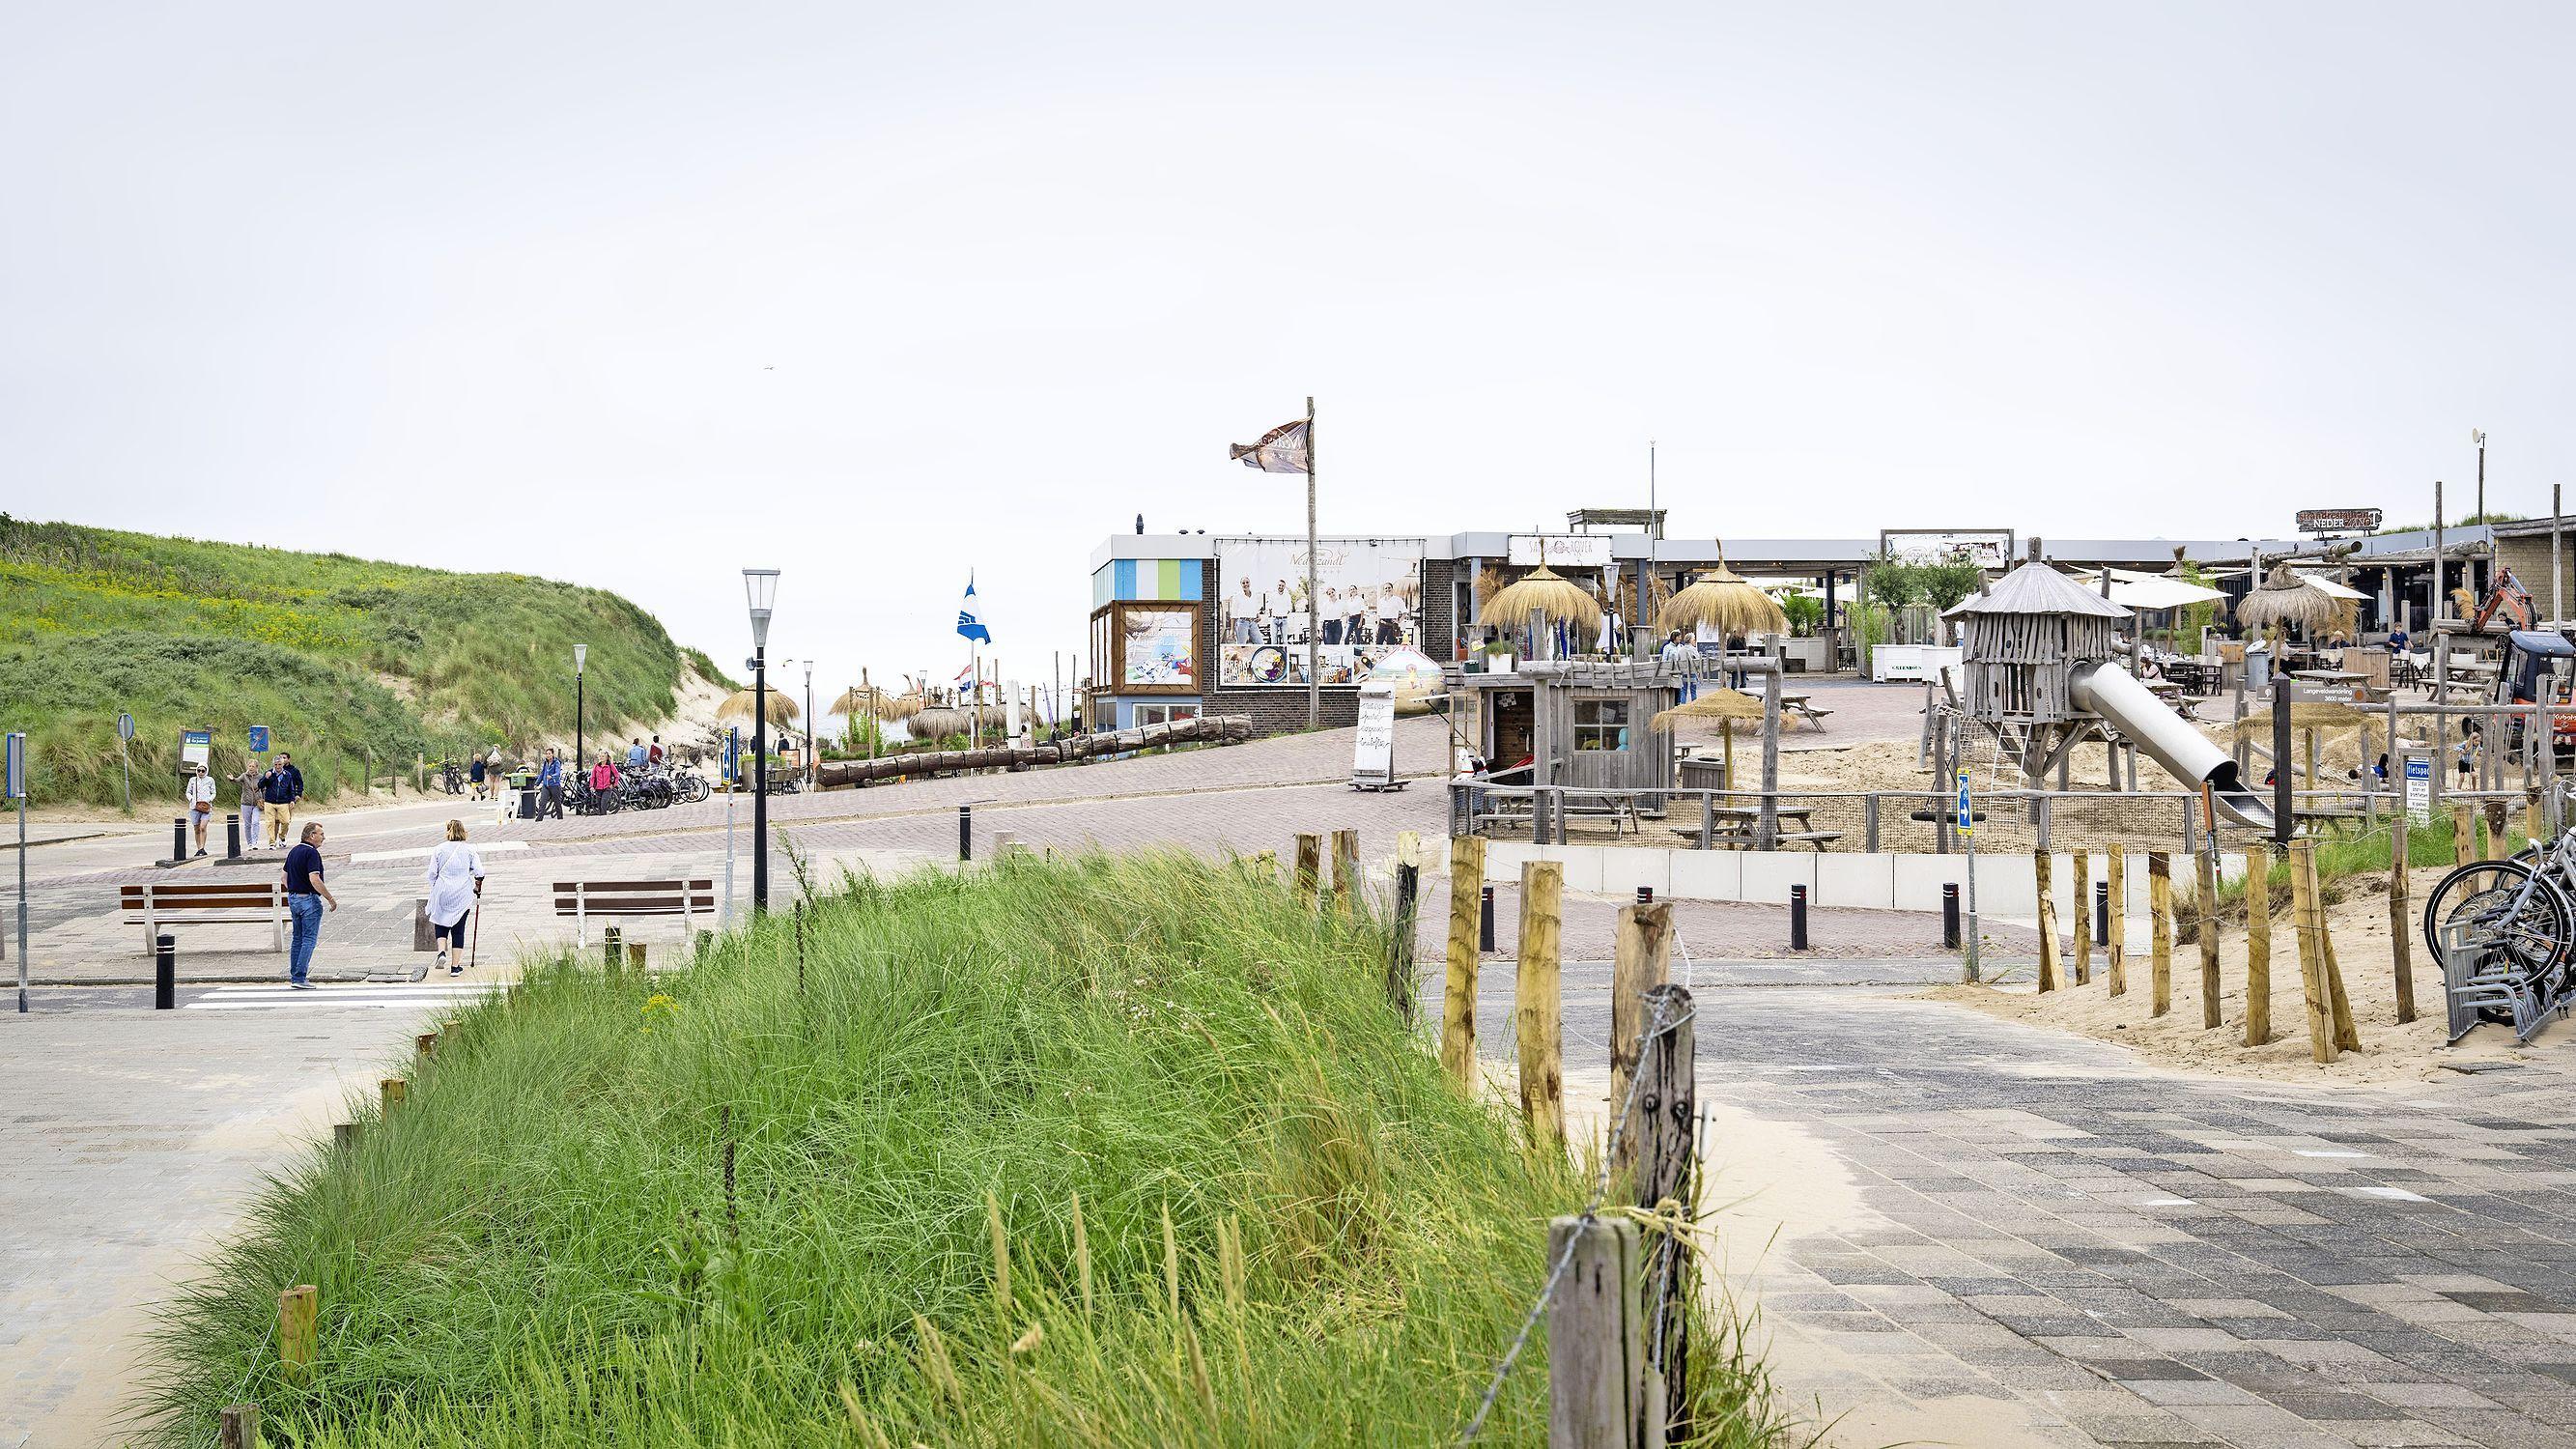 Noordwijk zegt plan kuurcentrum Langevelderslag niet te kunnen beoordelen: er is nog geen aanvraag ingediend